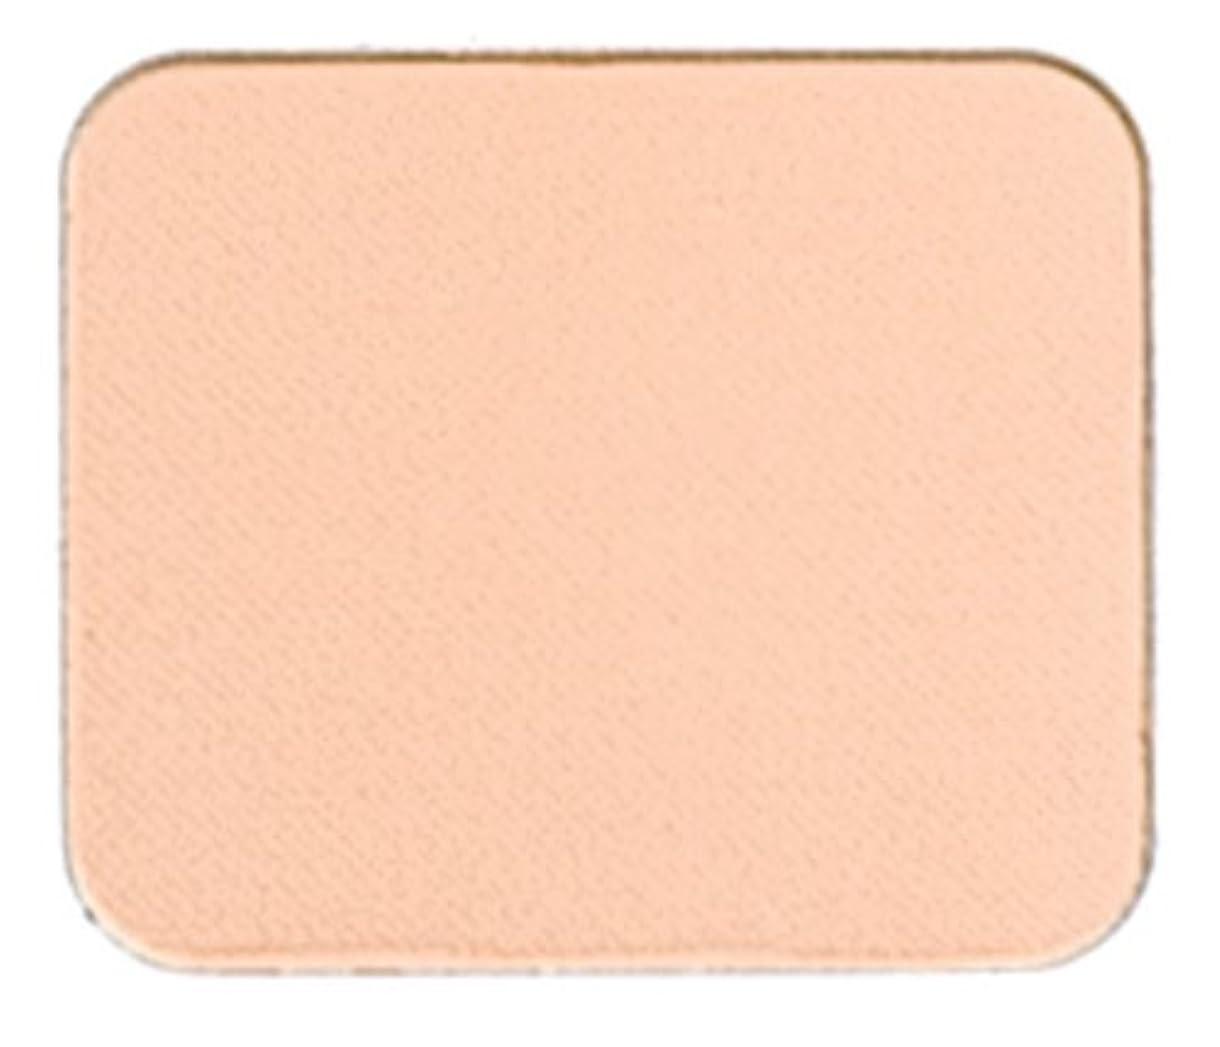 浴対シリーズドクターシーラボ BBパーフェクトファンデーション WHITE377プラス ナチュラル1(明るい肌色) 12g SPF25 PA++